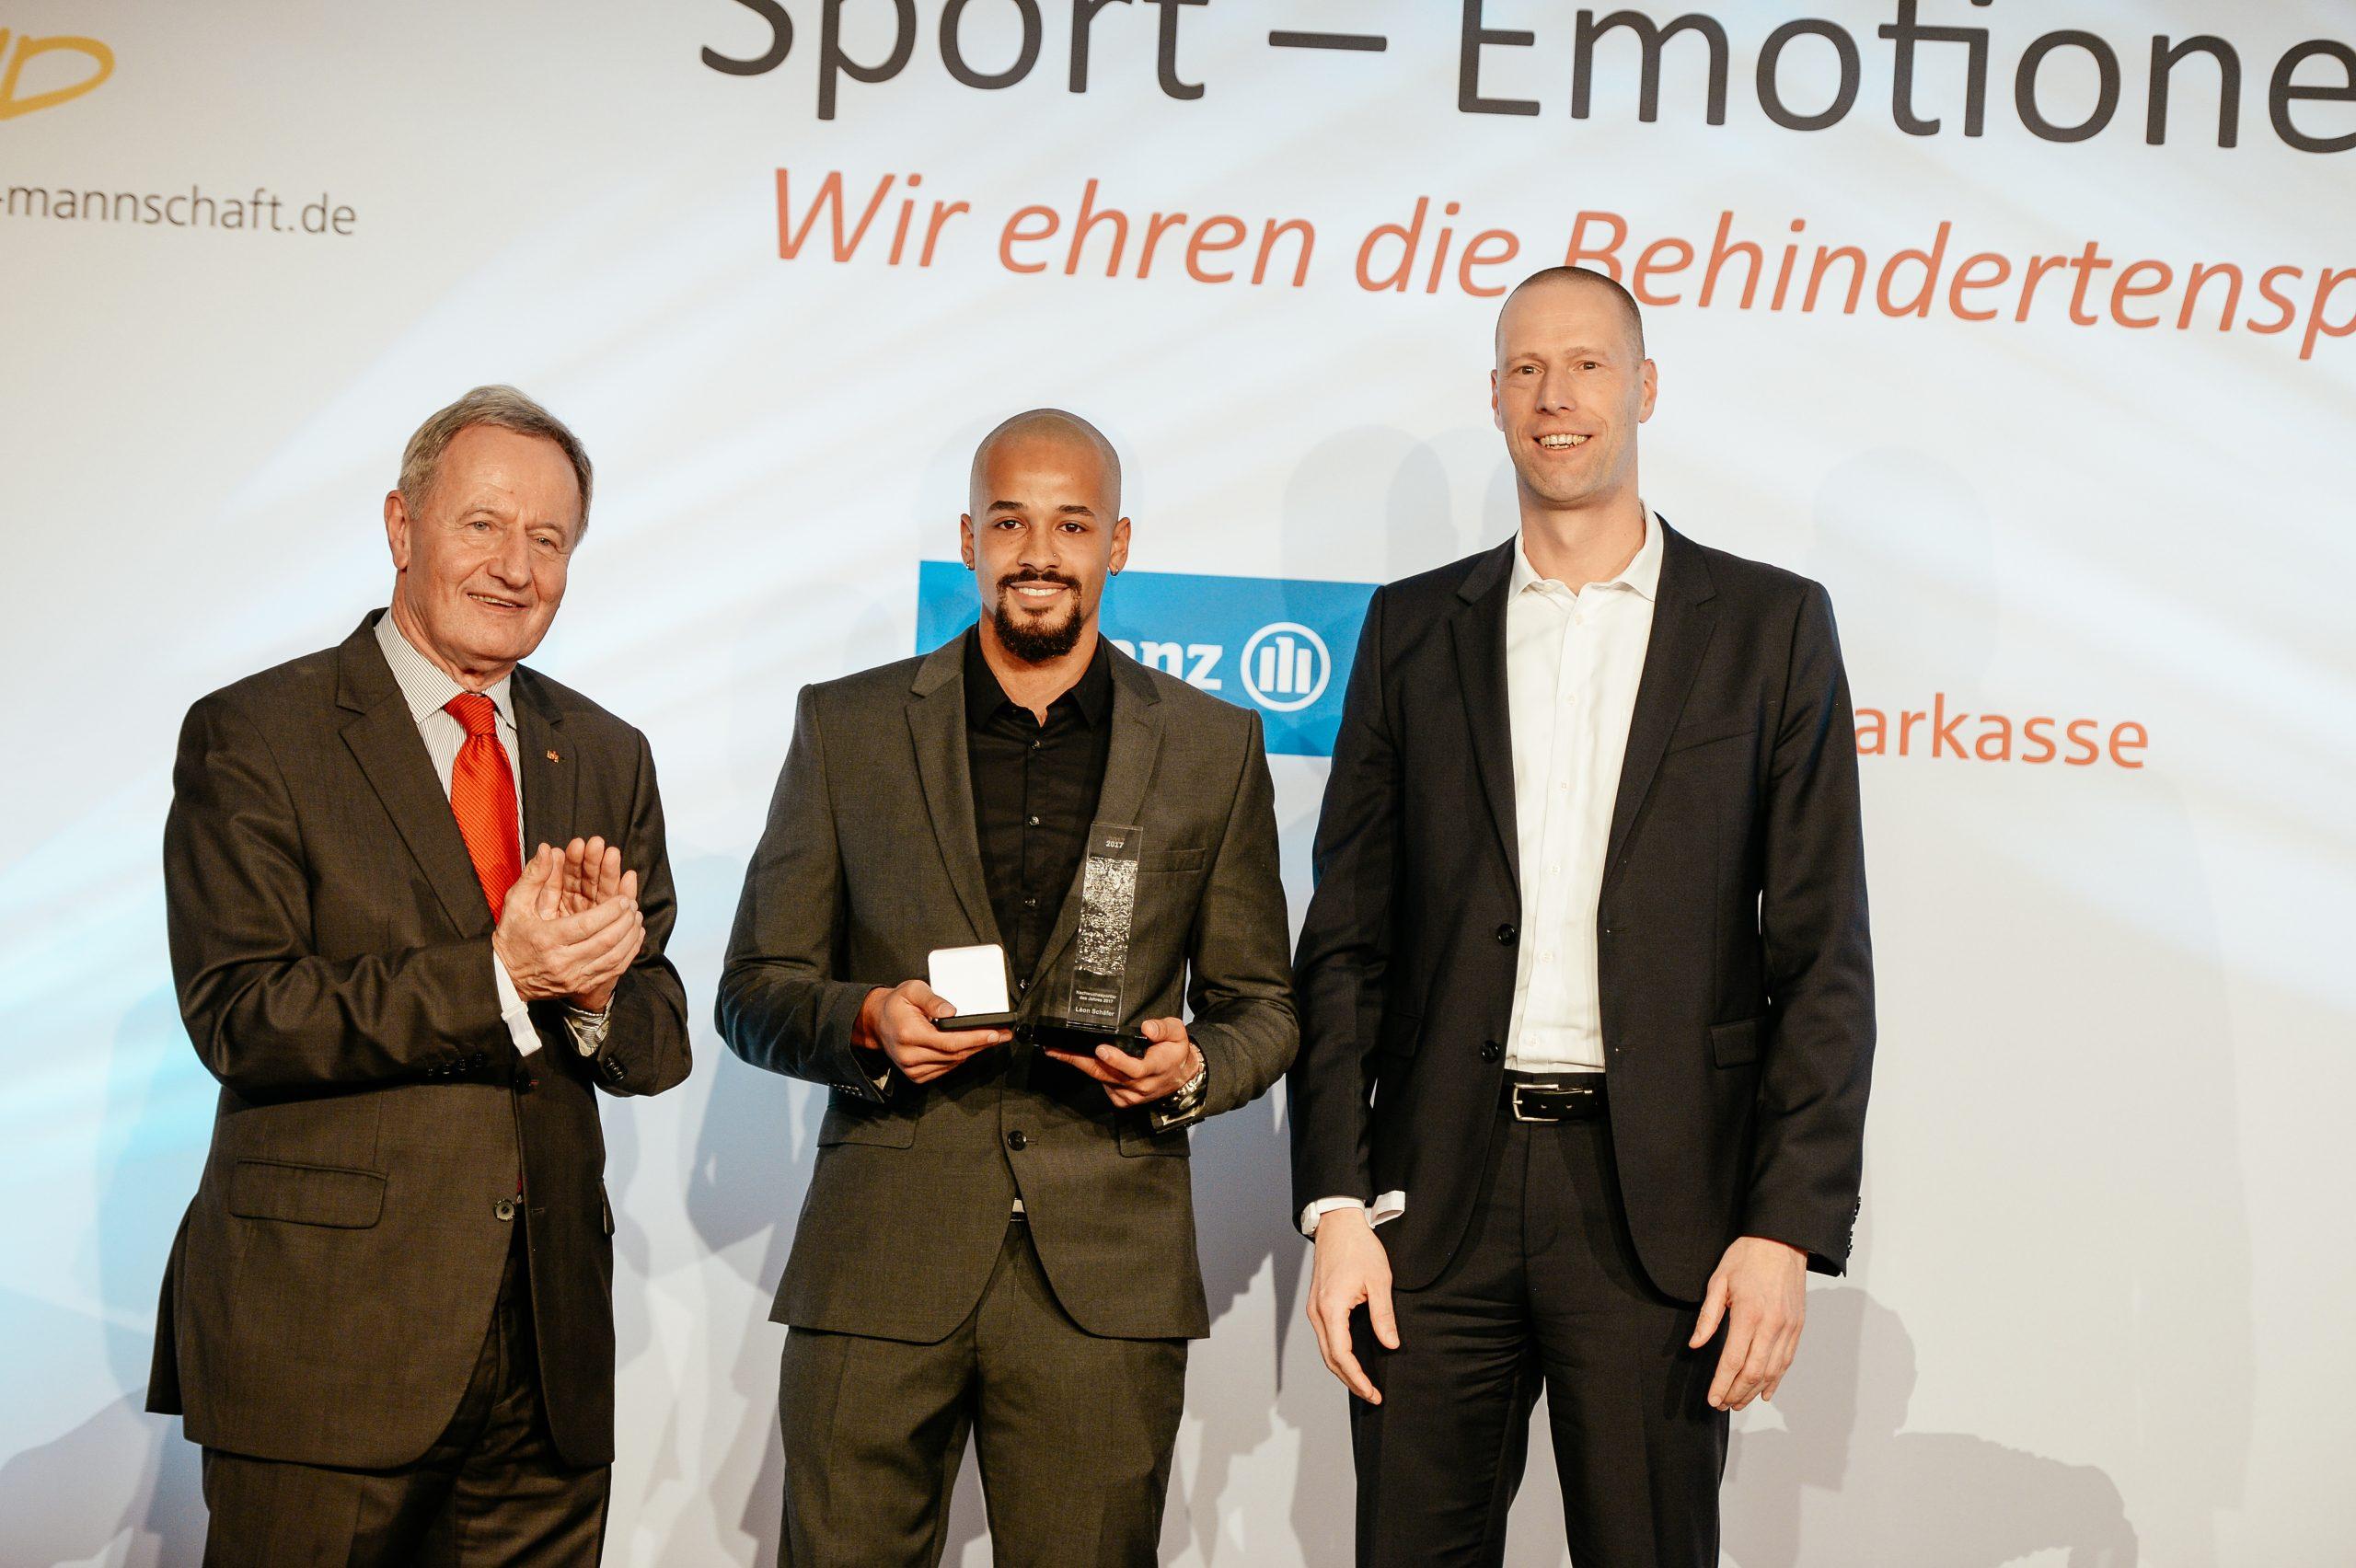 Wahl zum Behindertensportler des Jahres: Der Nachwuchspreis geht 2017 an Leon Schäfer